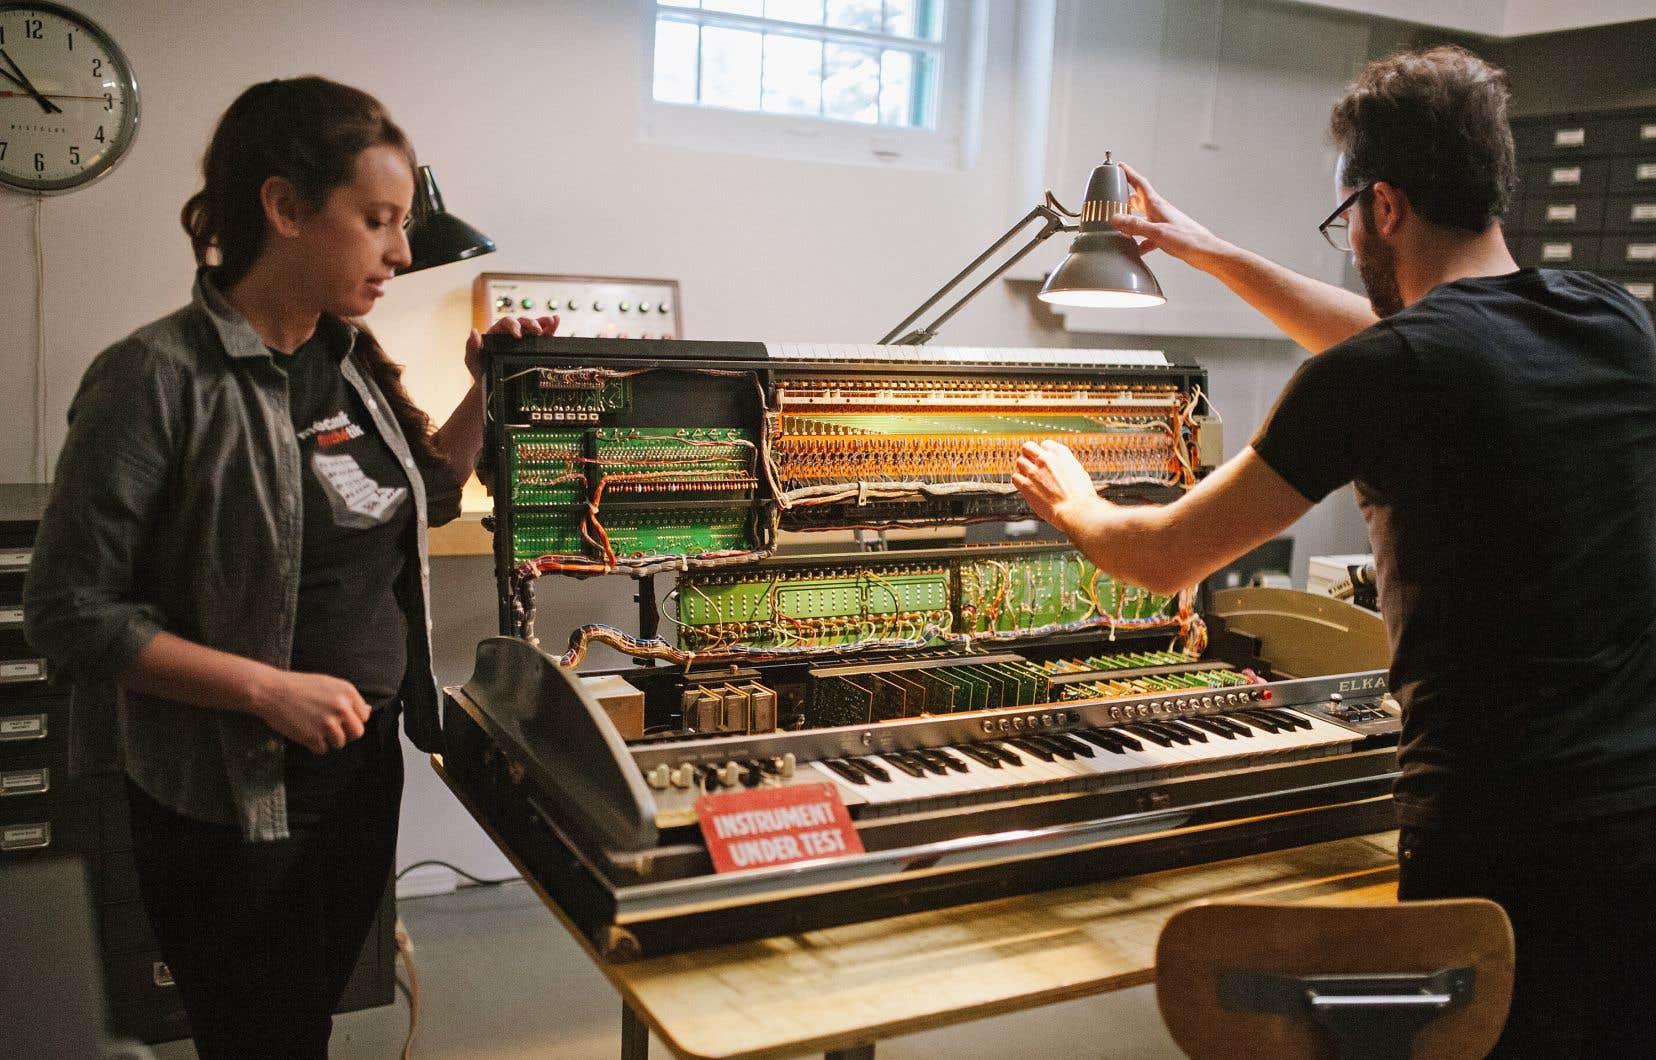 Guillaume Chabot et Véronique Lanthier ont passé une bonne partie de leur temps des Fêtes sur ce monstrueux Elka X705, un synthétiseur analogique fabriqué en Italie à la fin des années 1970.